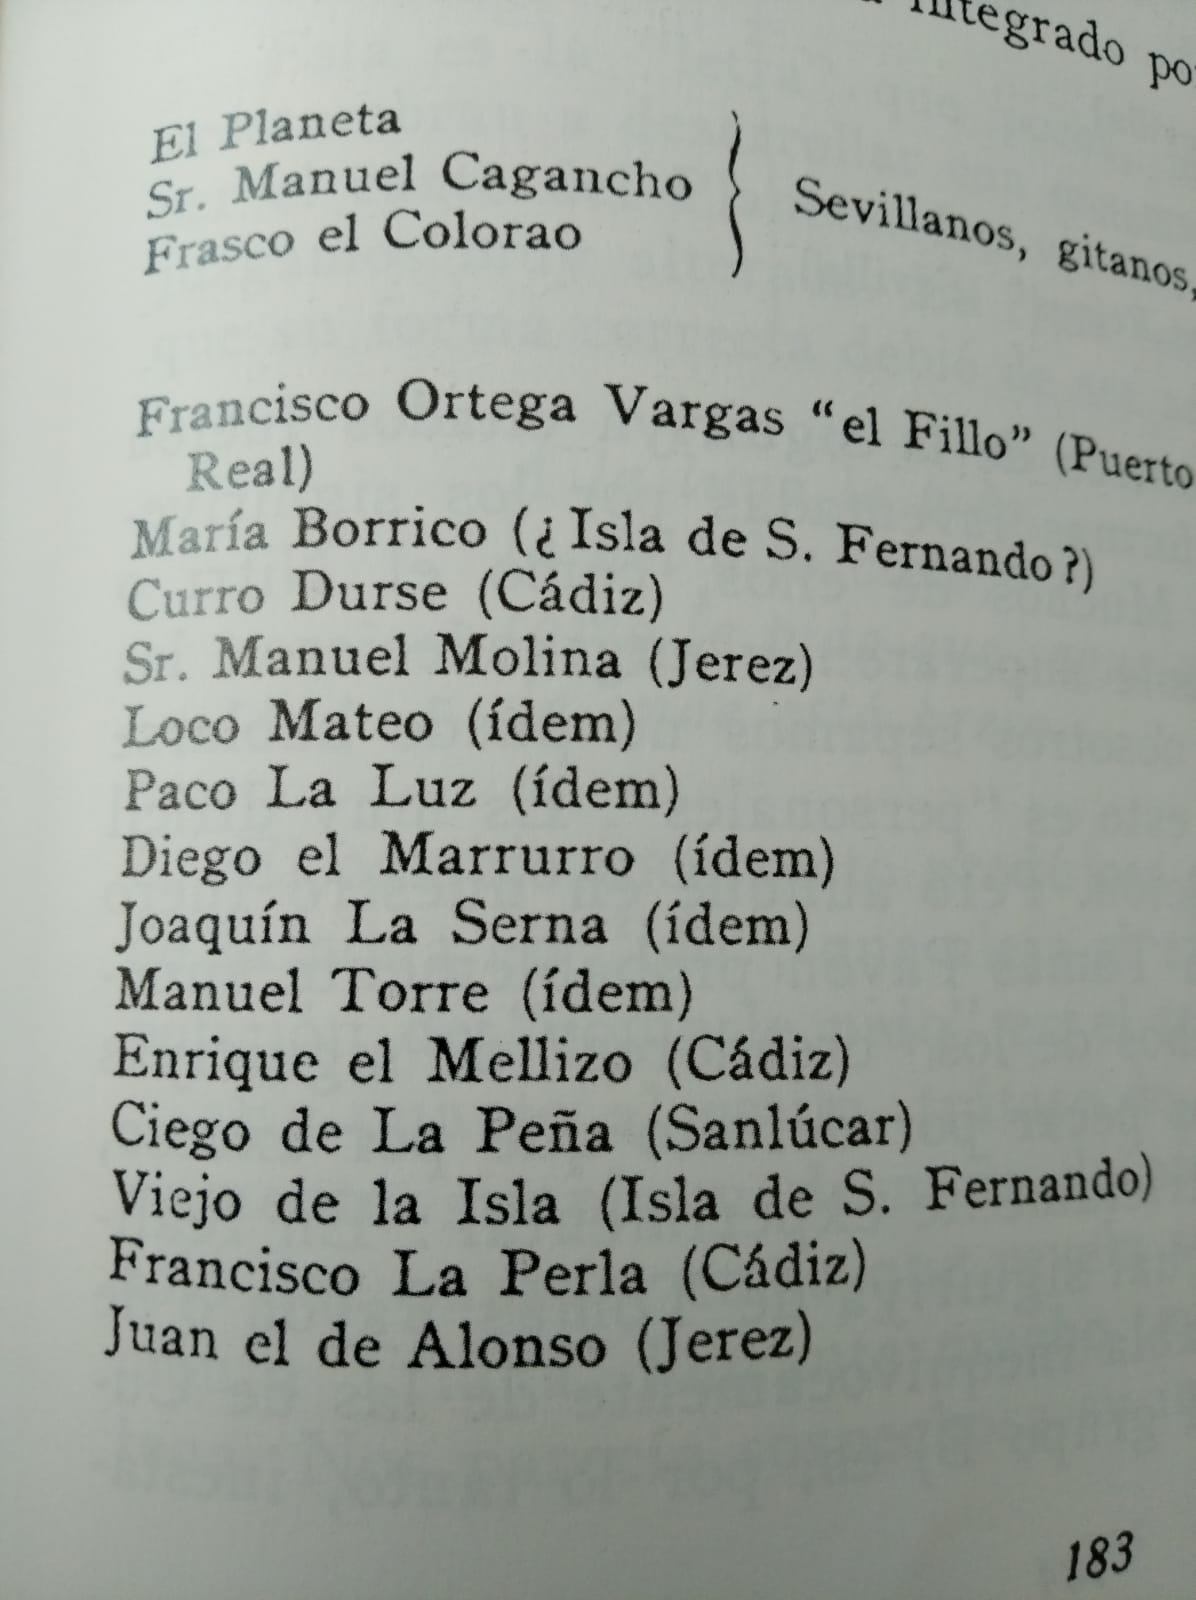 En Mundo y formas del cante flamenco, Ricardo Molina y Mairena se referían a Diego el Marrurro.